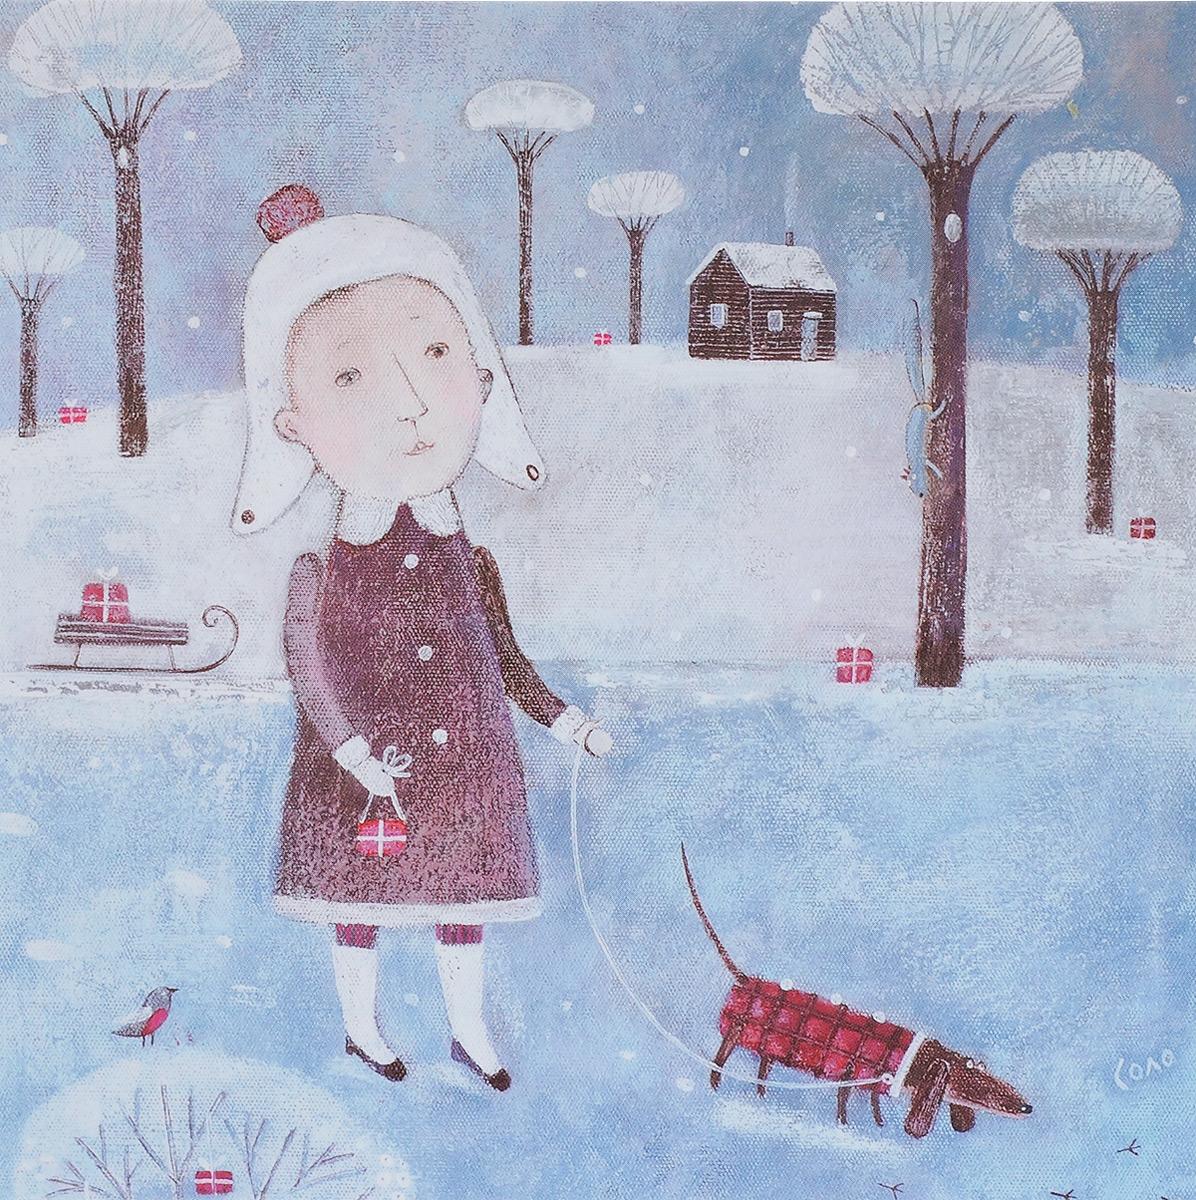 Открытка Рождественские каникулы. Автор Соловьева Светлана34832Оригинальная дизайнерская открытка «Рождественские каникулы» выполнена из плотного матового картона. На лицевой стороне расположена репродукция картины художницы Светланы Соловьевой с изображением девушки, несущей подарки вместе со своей одетой в клетчатое пальто таксой. Такая открытка станет великолепным дополнением к подарку или оригинальным почтовым посланием, которое, несомненно, удивит получателя своим дизайном и подарит приятные воспоминания.